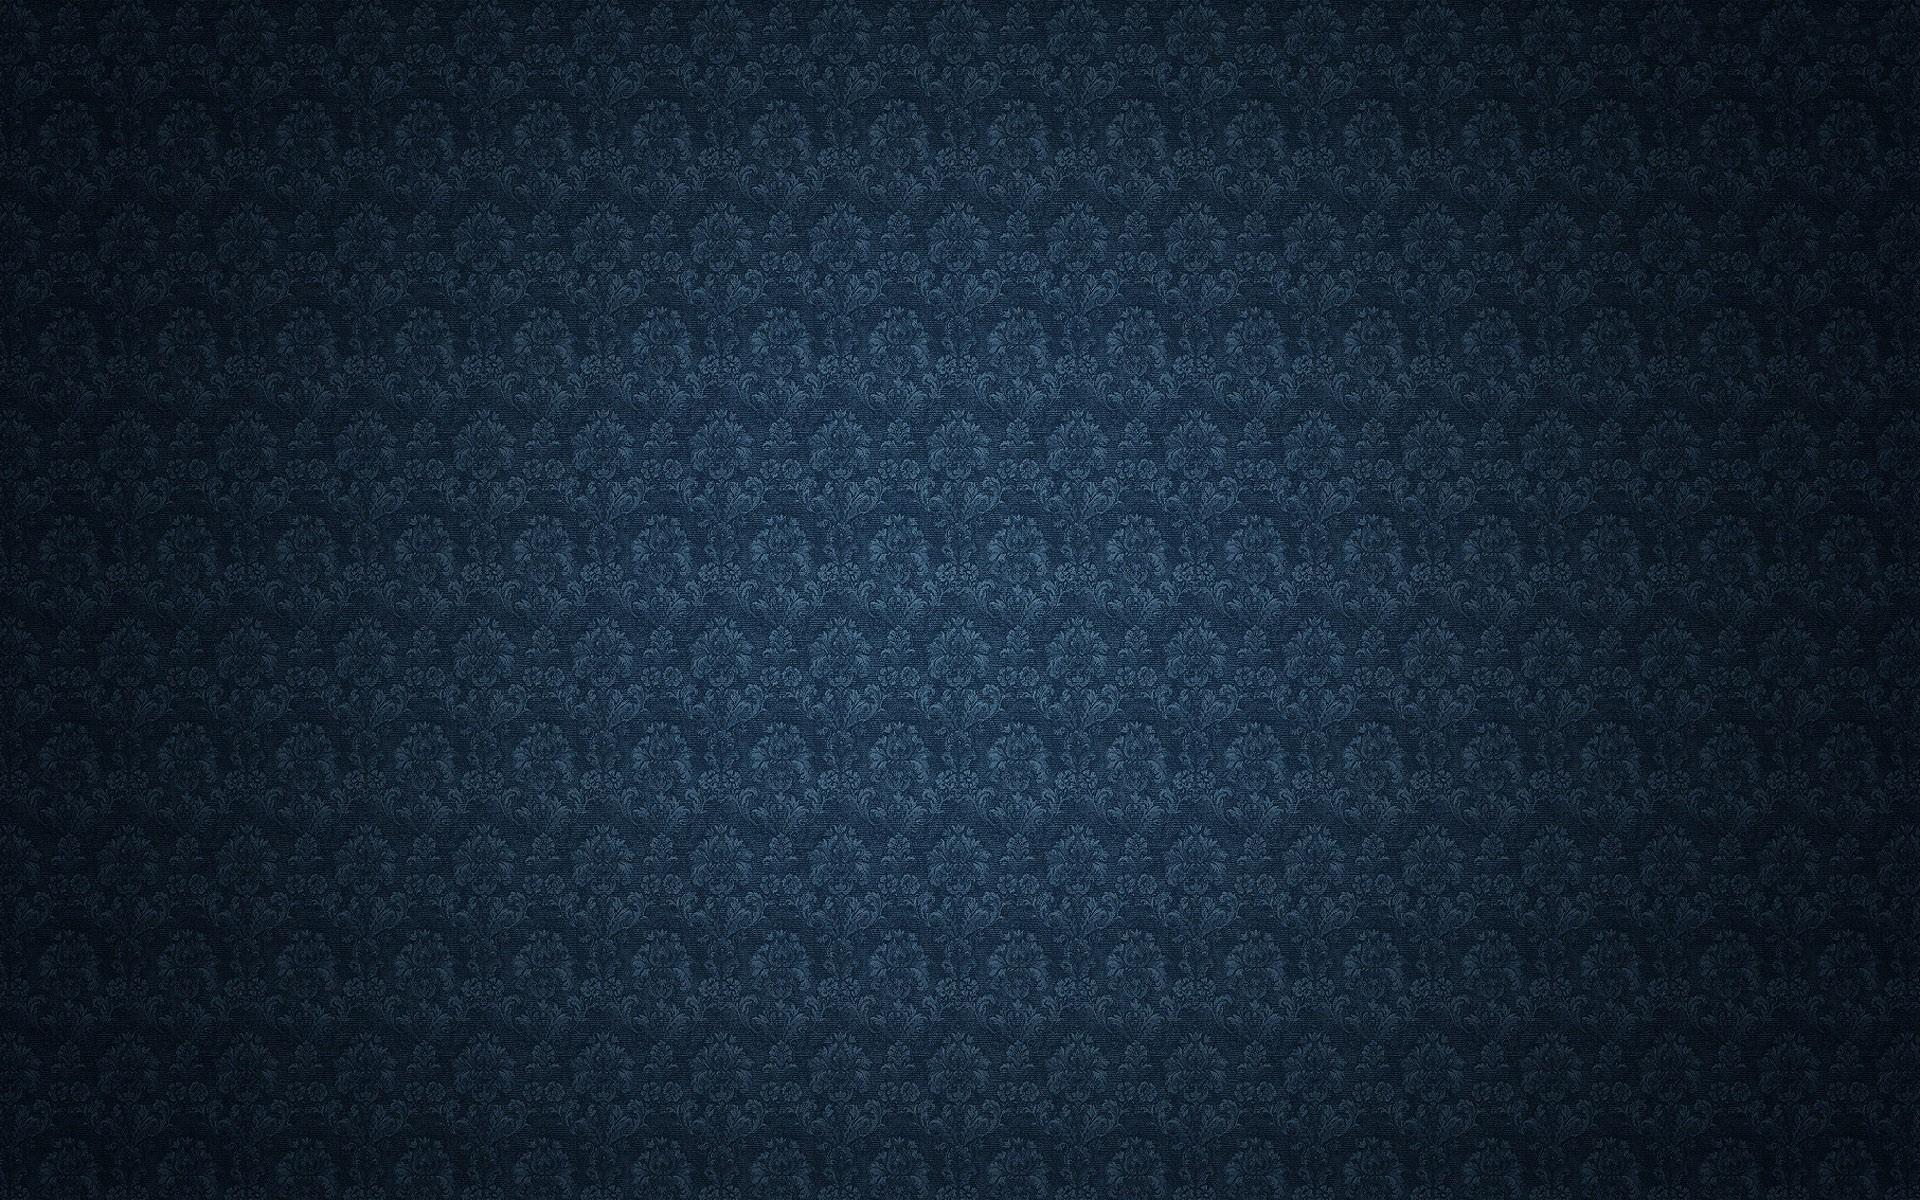 abstract blue dark textures Dark blue wallpaper background 1920x1200